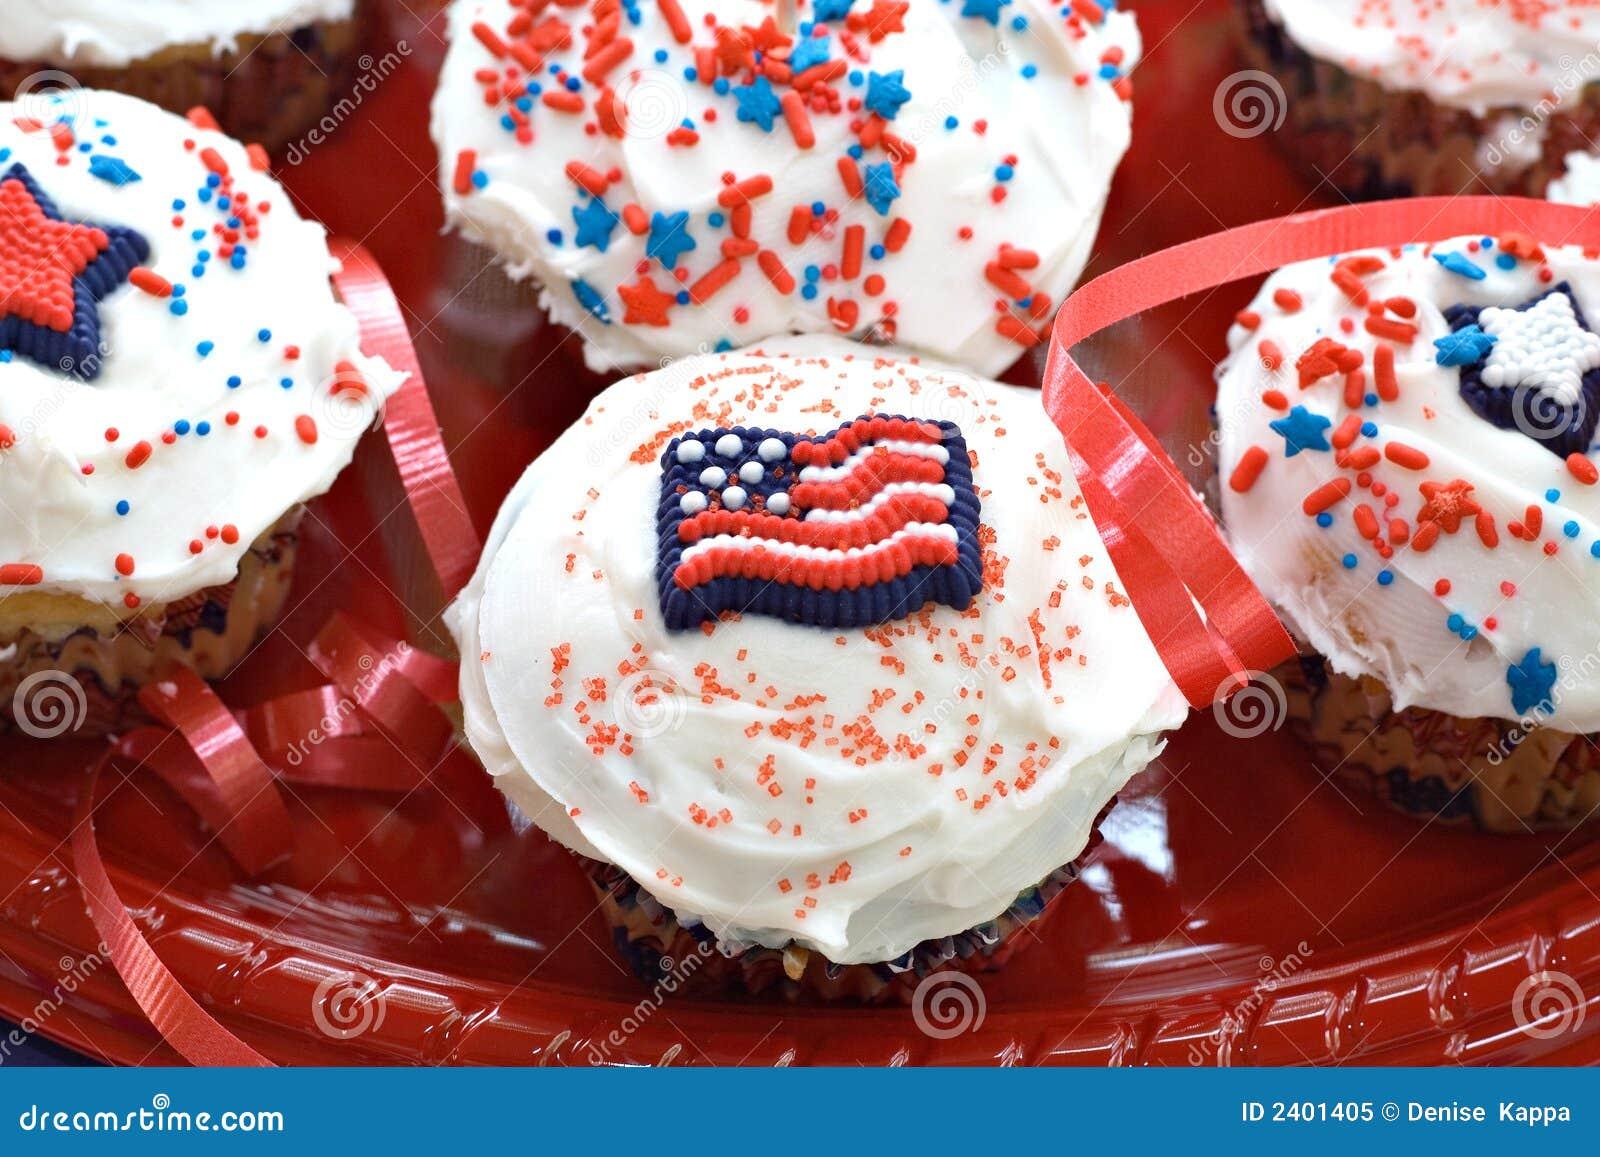 sobremesa-americana-do-feriado-2401405.jpg